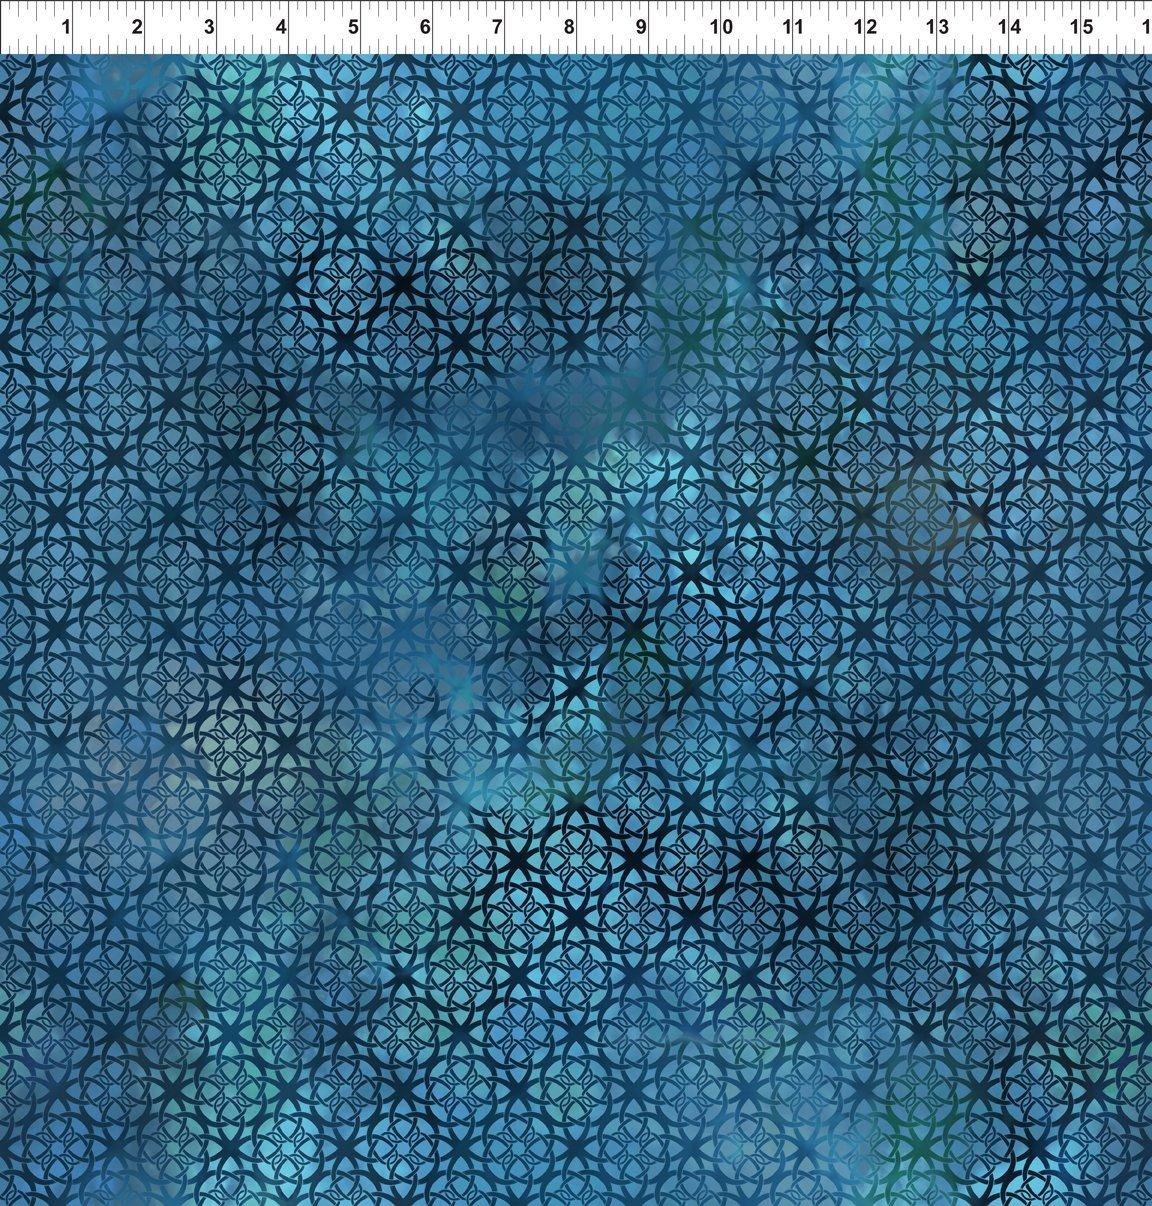 Diaphanous - Trellis 'turquoise'